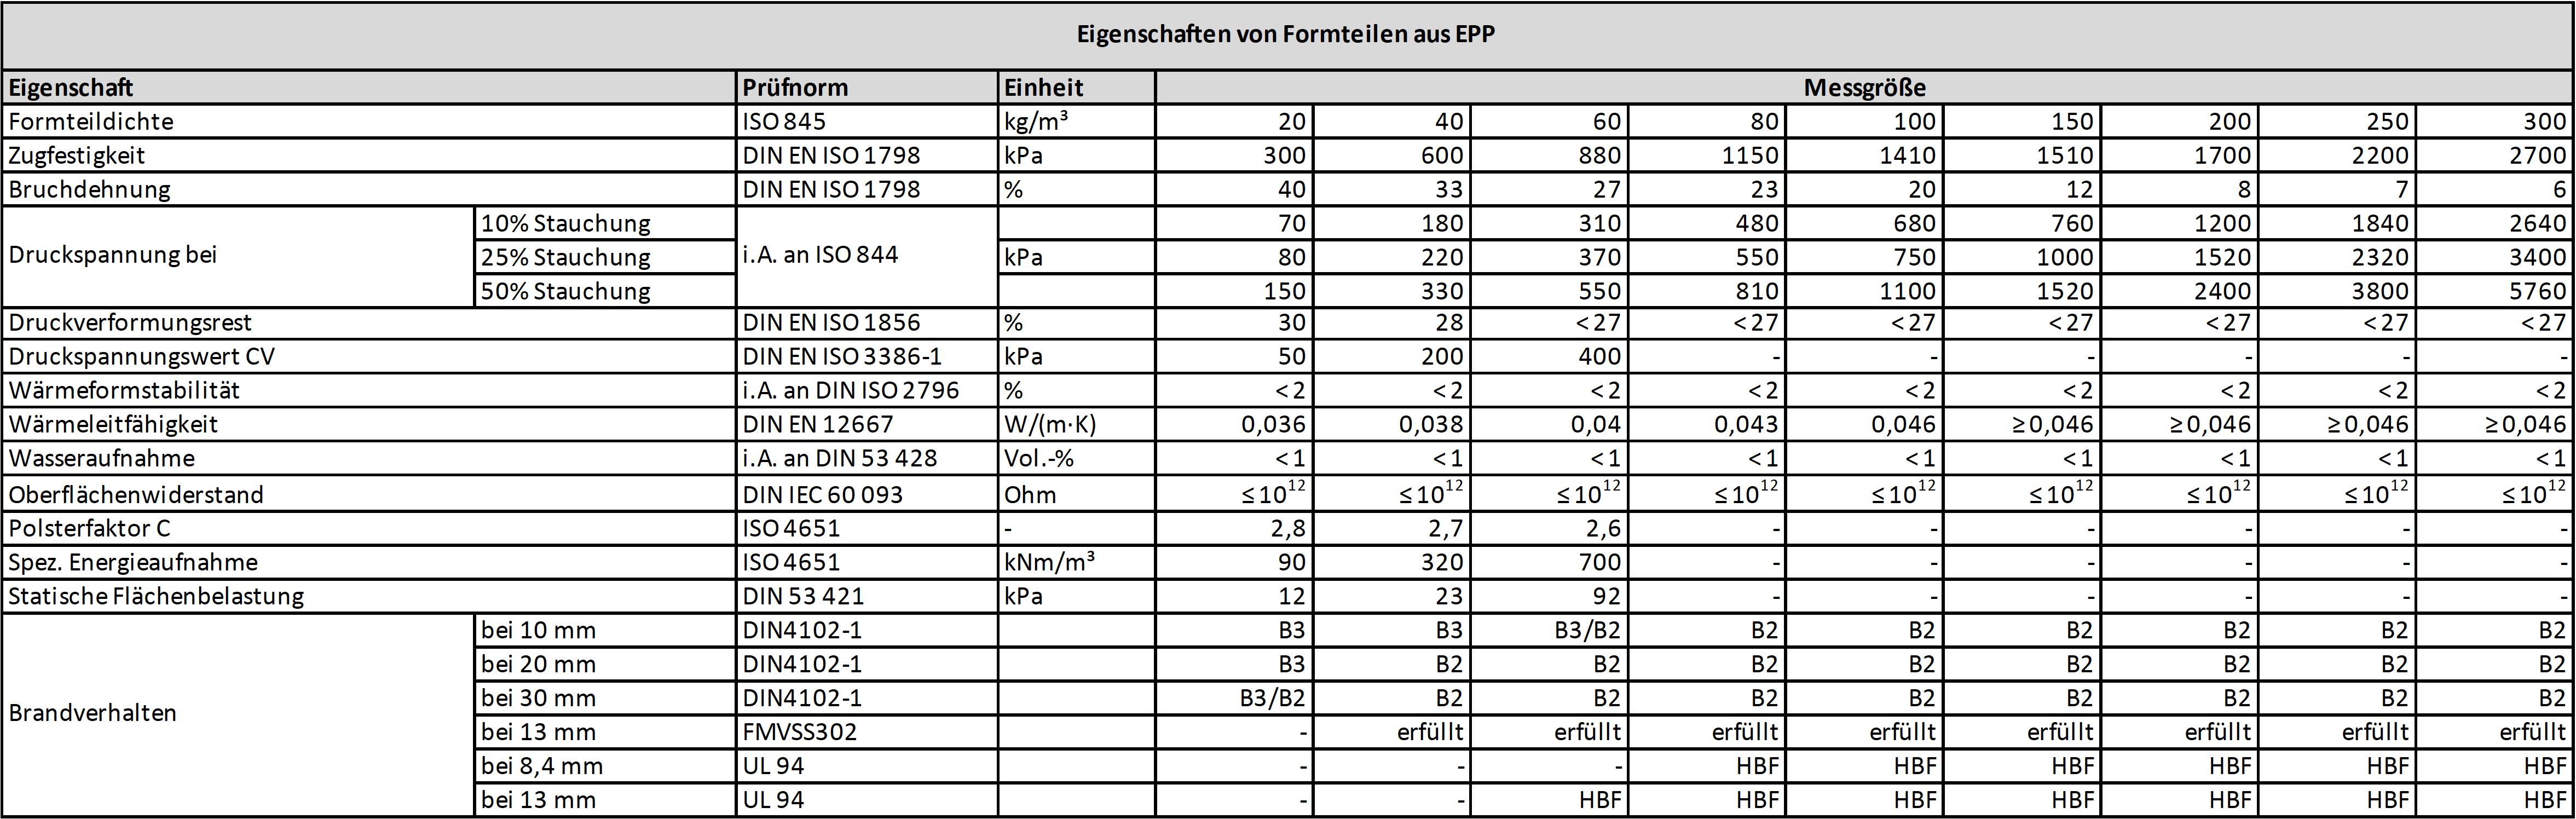 Technische Daten von expandiertem Polypropylen | EPP-Forum Bayreuth